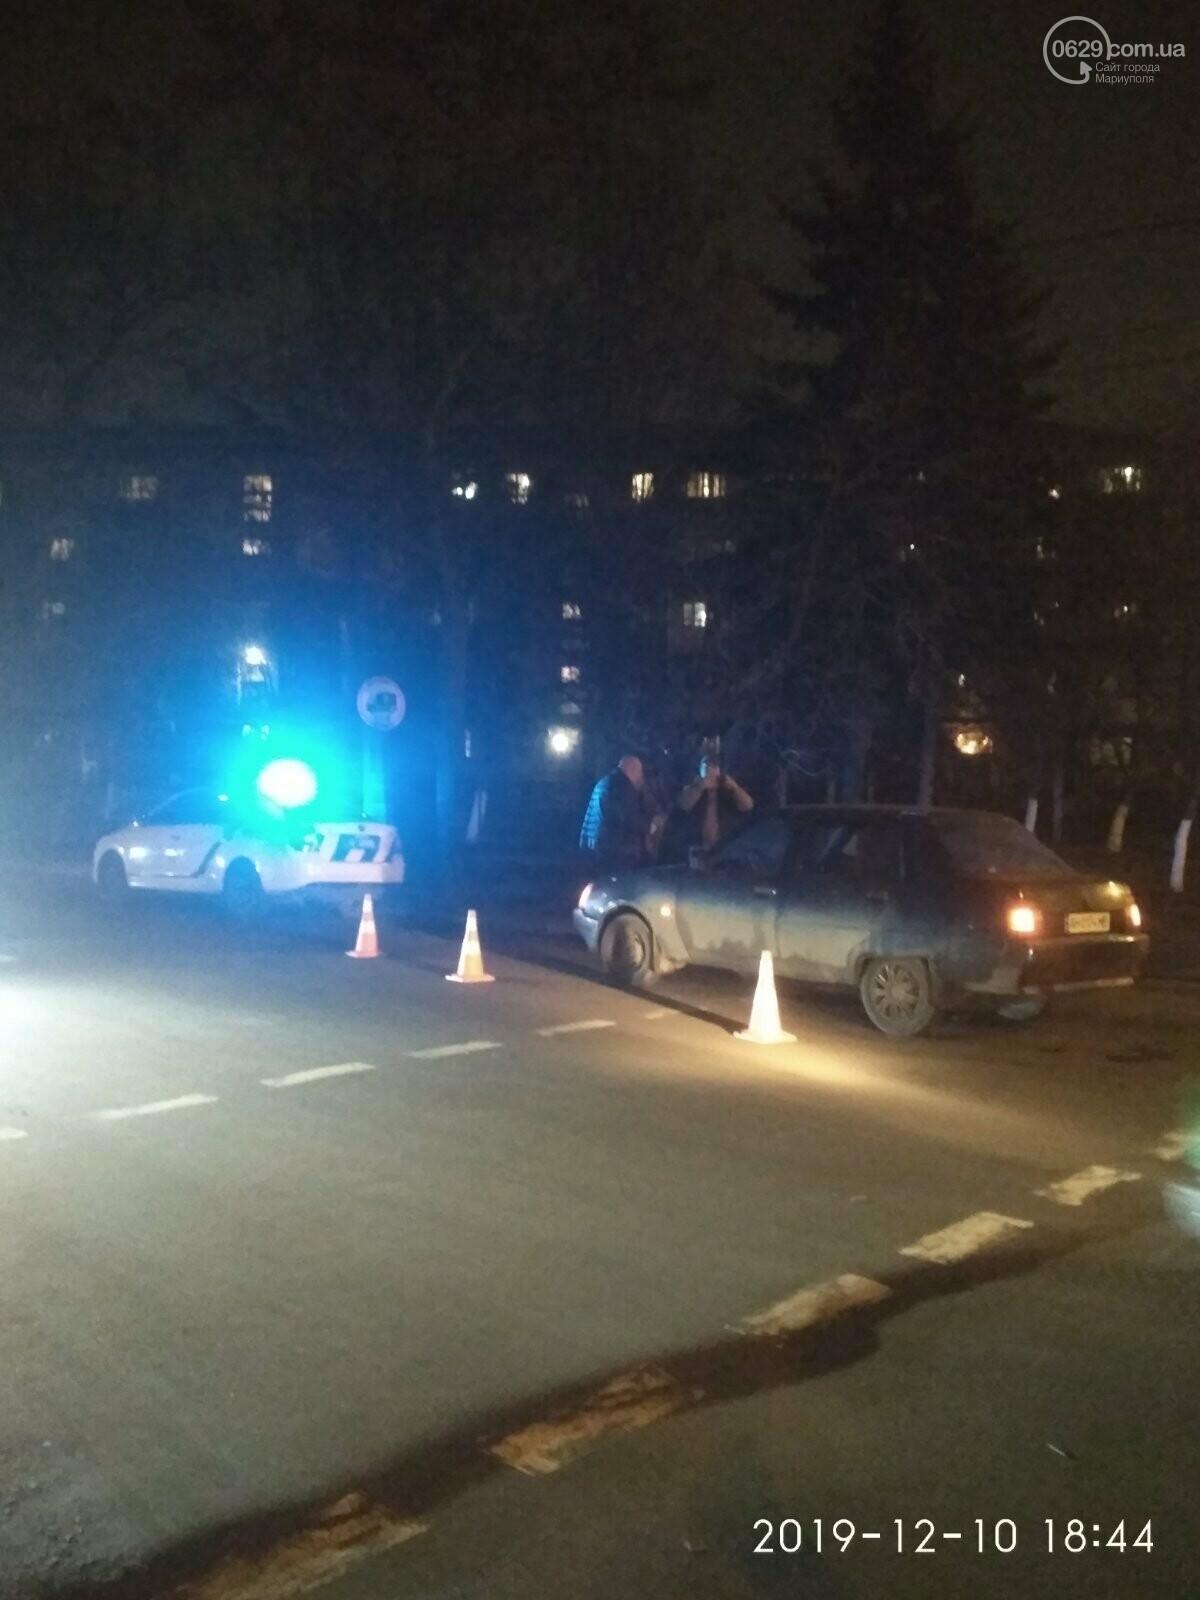 """В Мариуполе водитель сбил двоих пешеходов на """"зебре"""", - ФОТО, фото-2"""